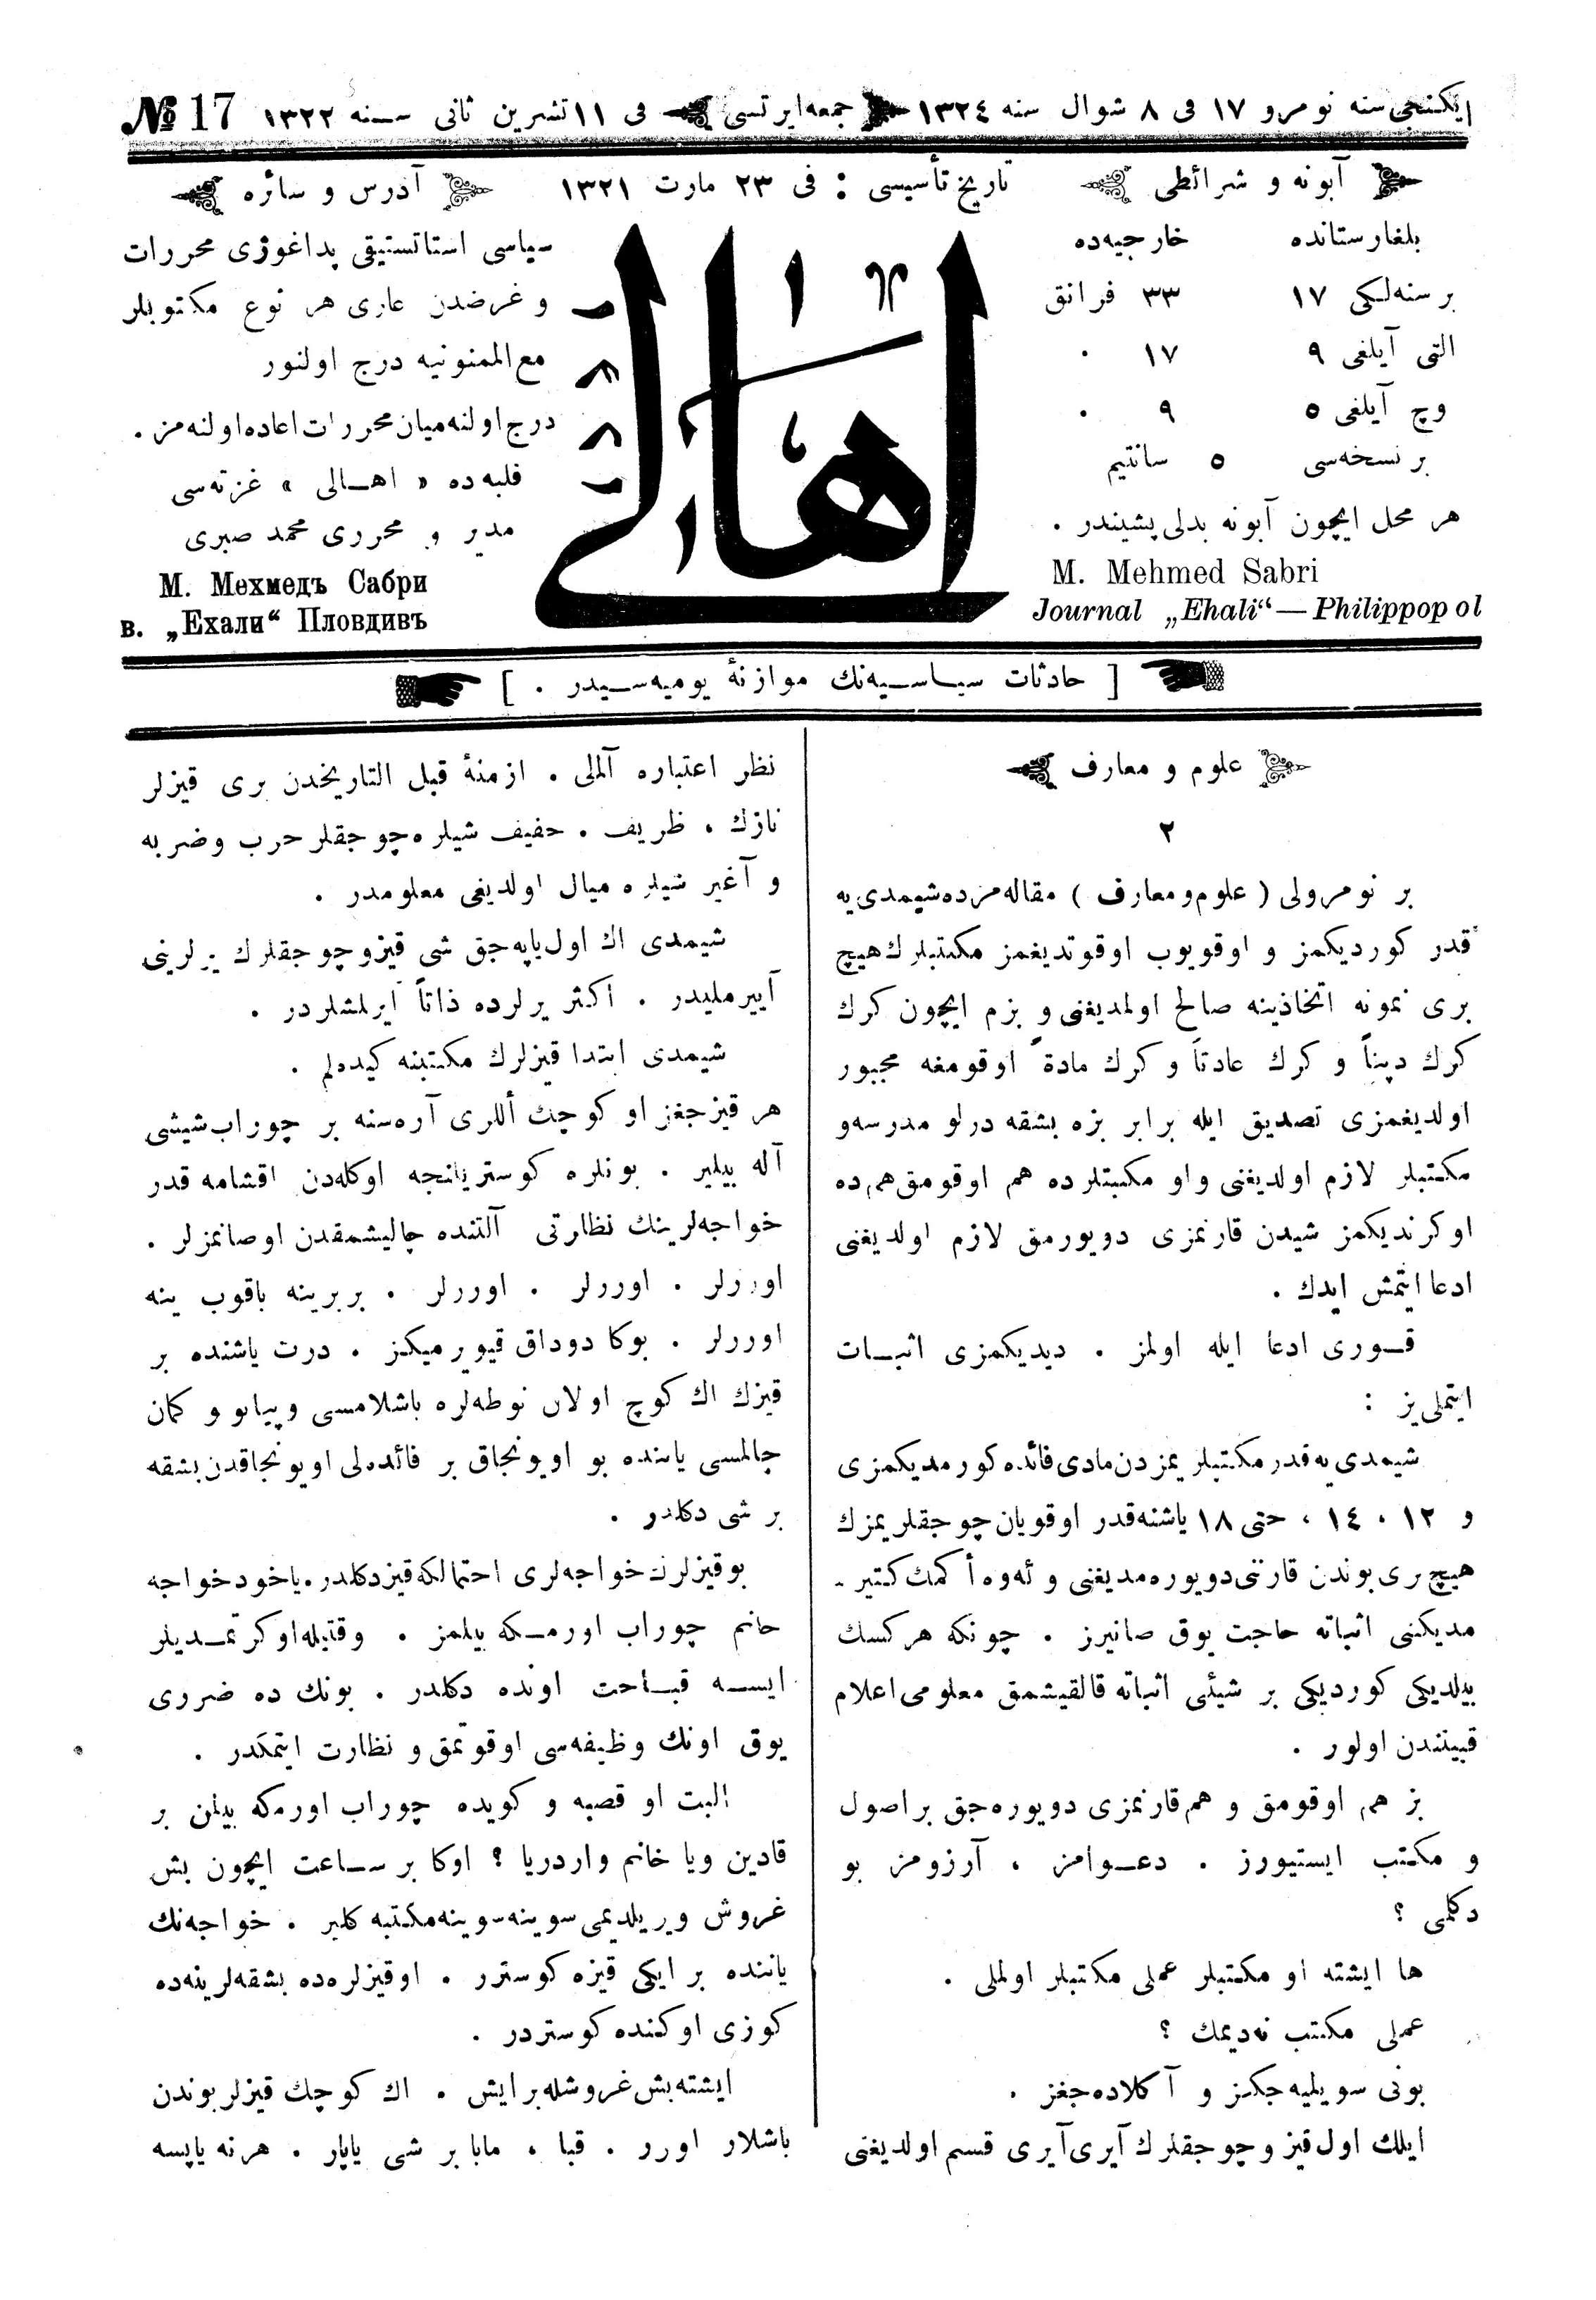 24 Kasım 1906 Tarihli Ahali (Filibe) Gazetesi Sayfa 1